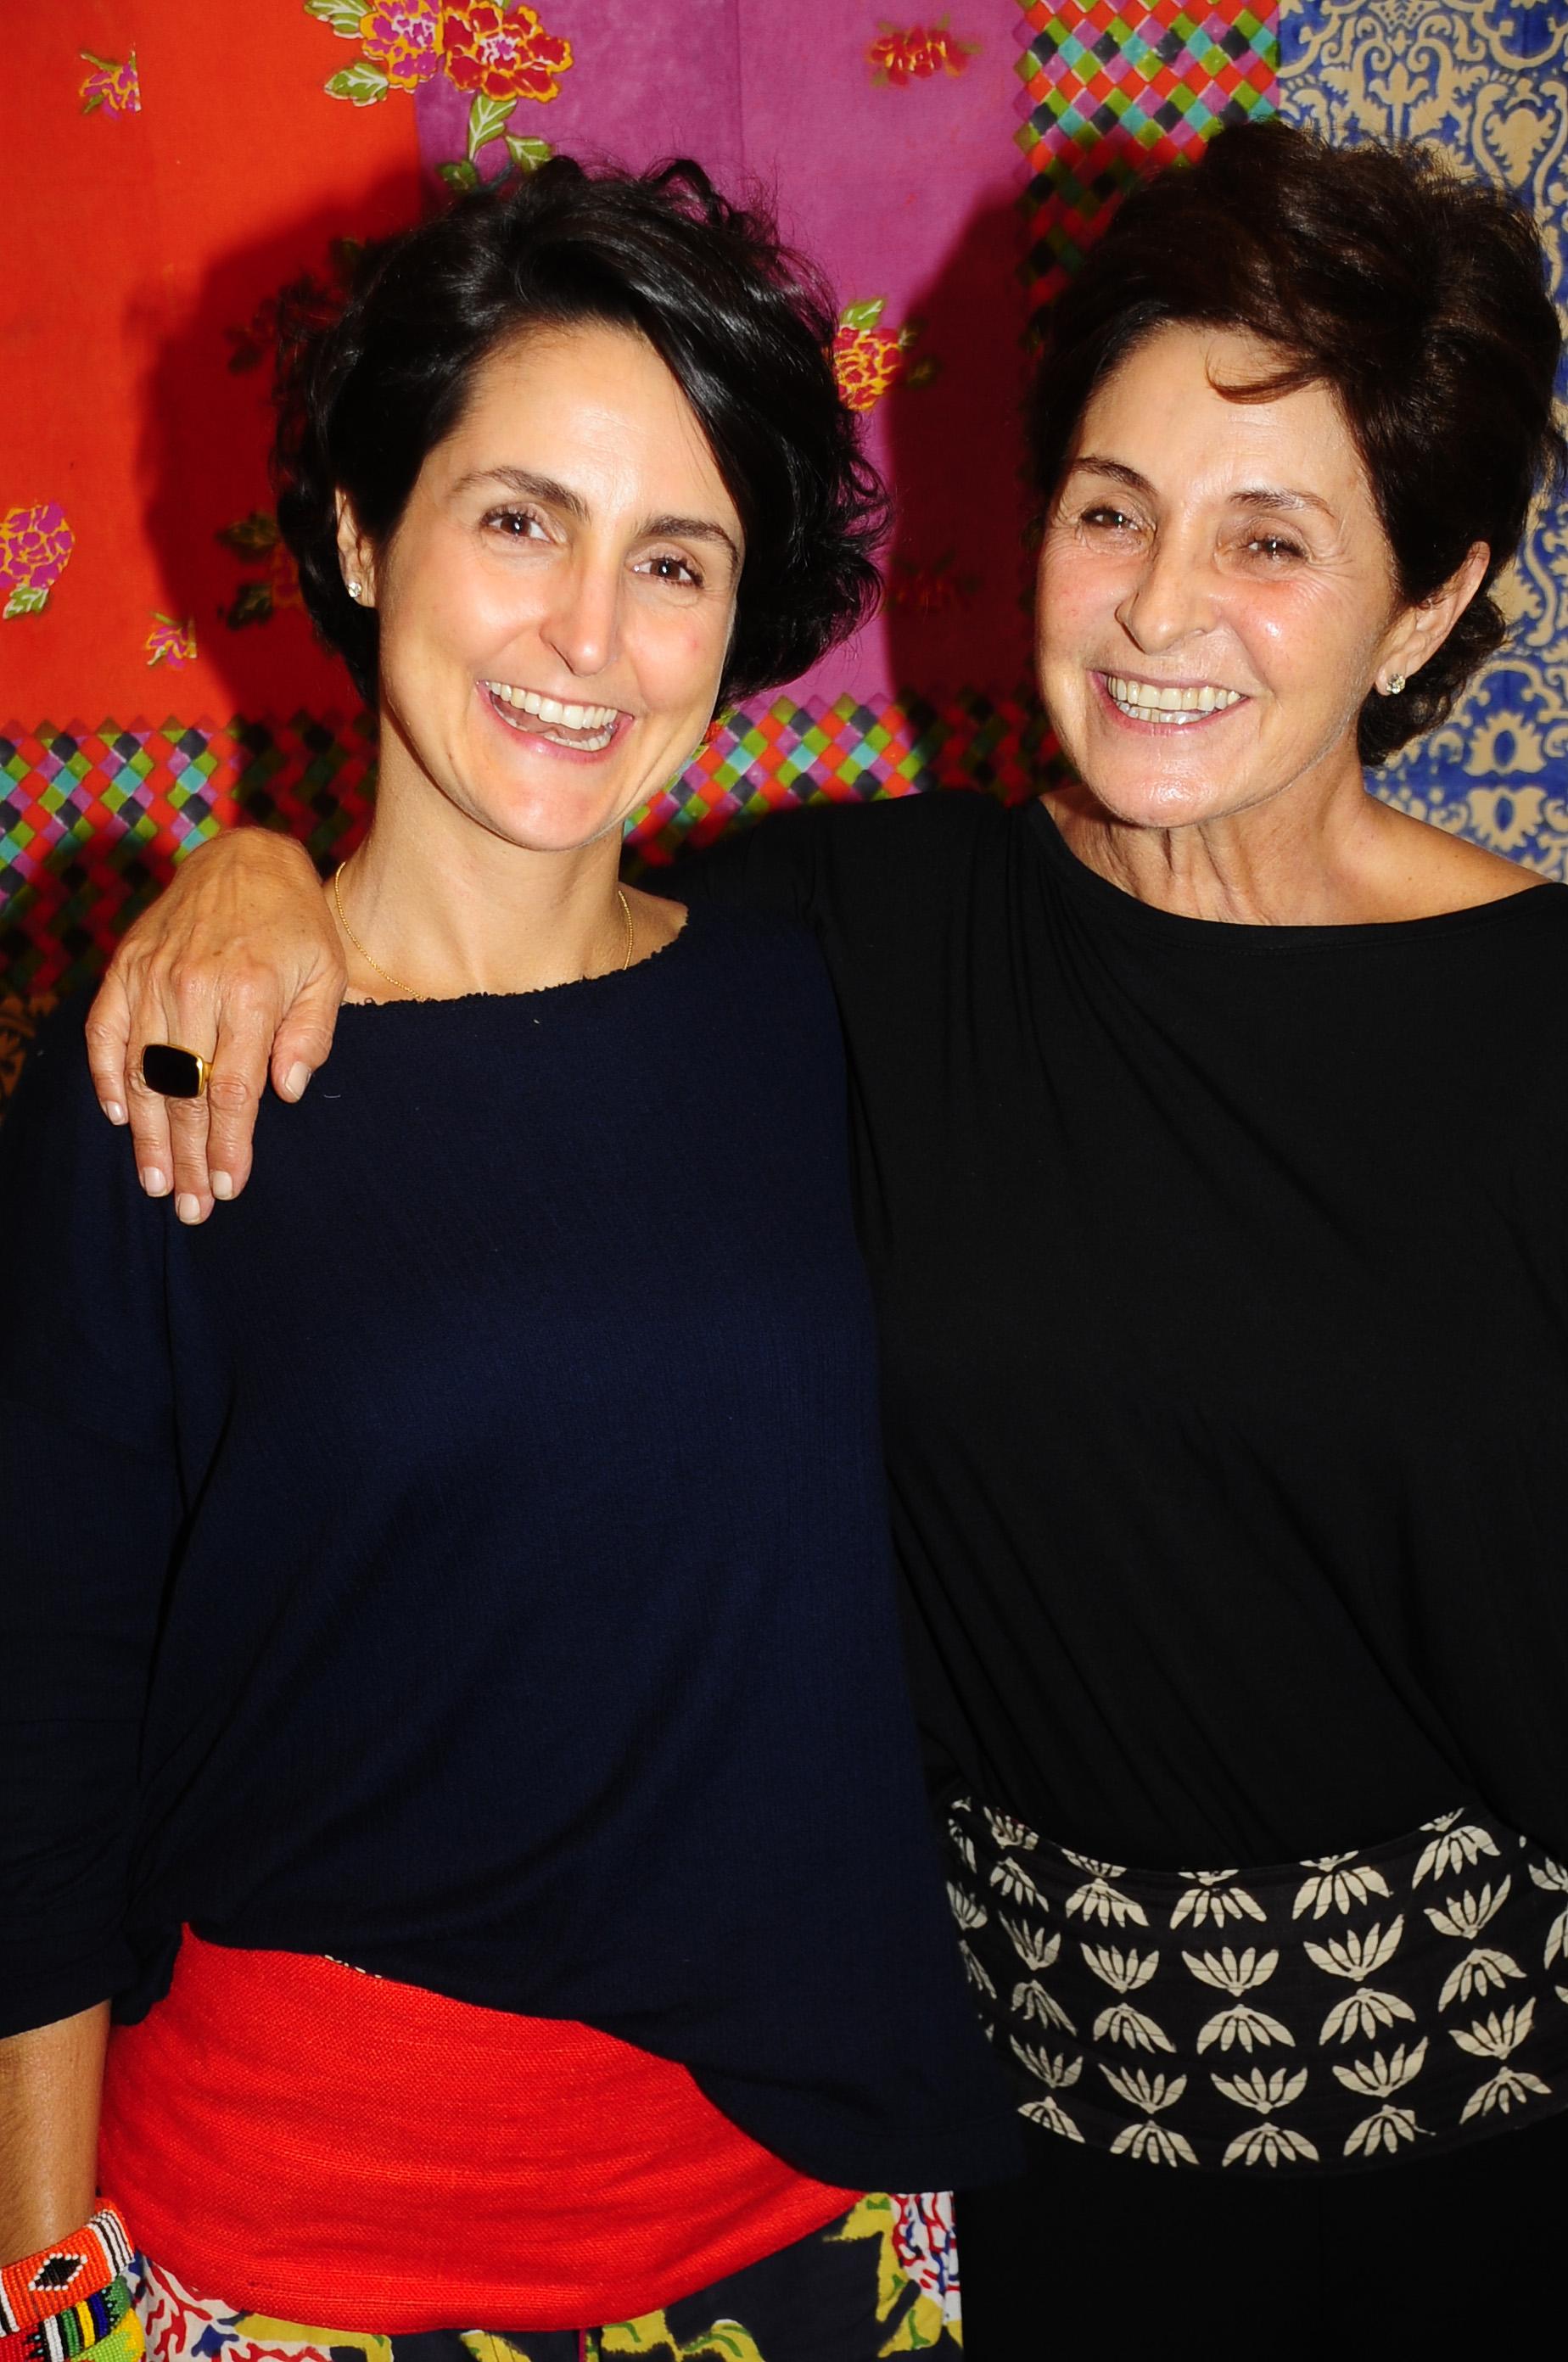 Evento em Milão apresenta Lisa Corti e representantes no Brasil